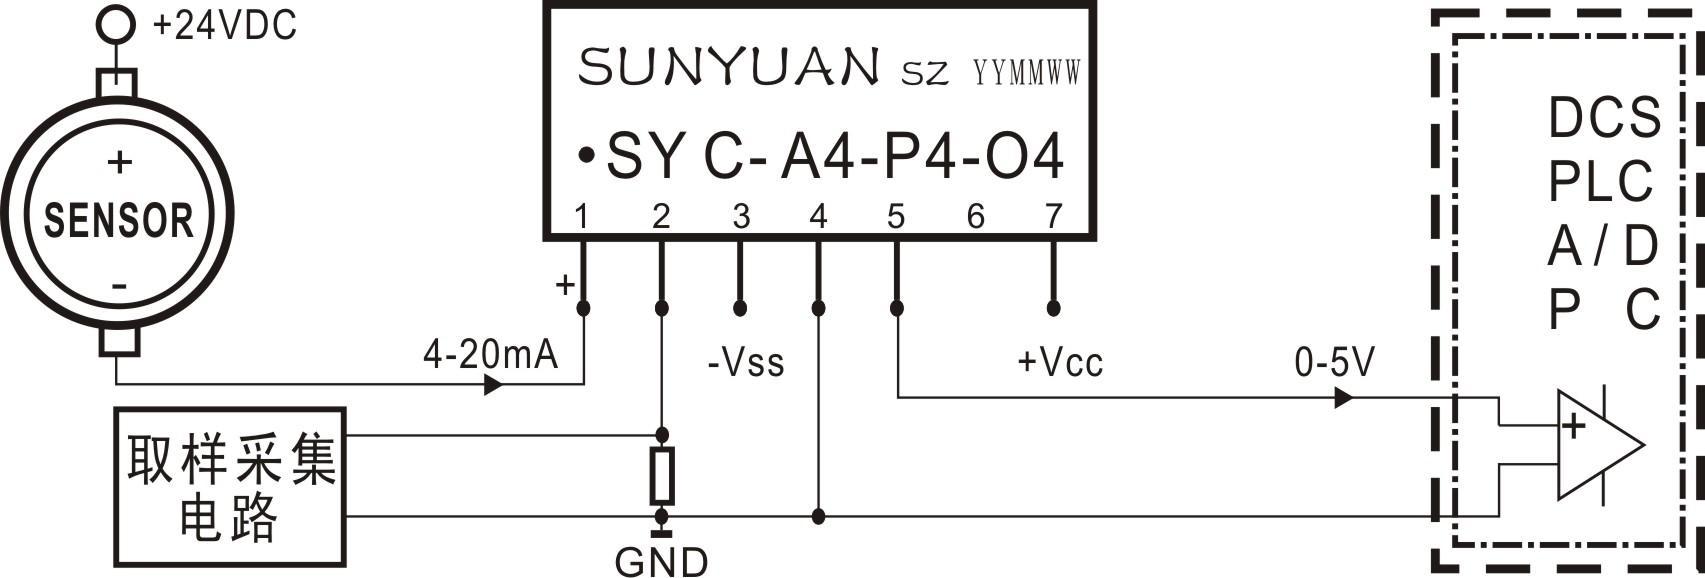 产品选型举例 1、电流输入型 ; IN:4-20mA OUT:0-5V 型号:SY C-A4-P-O4 2、电流输入型 ; IN:4-20mA OUT:0-2.5V 型号:SY C-A4-P-O8(O8:为用户自设定值) 典型应用 应用一:两线制4-20mA输入,单电源供电,电压输出方式。 此应用电路是四线制仪器仪表输出的4-20mA信号I/V变换。电路采样端单电源供电方式,并输入到A/D采样。  应用二:两线制4-20mA输入,正负电源供电,电压输出方式。 此应用电路实现了两线制仪器仪表输出4-20mA